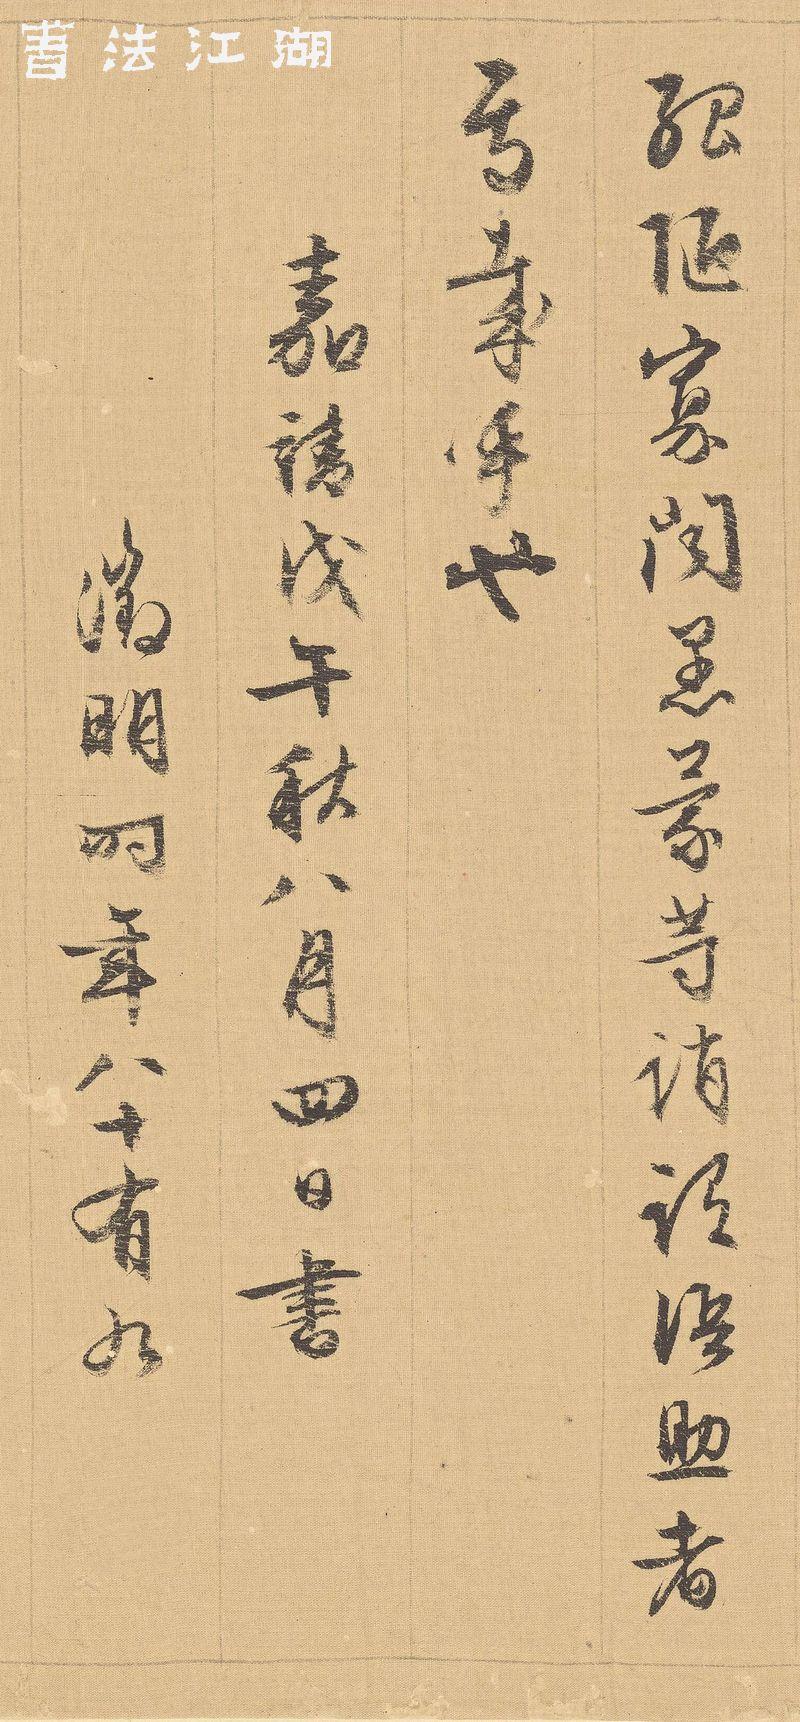 文徵明-行书千字文-21.jpg